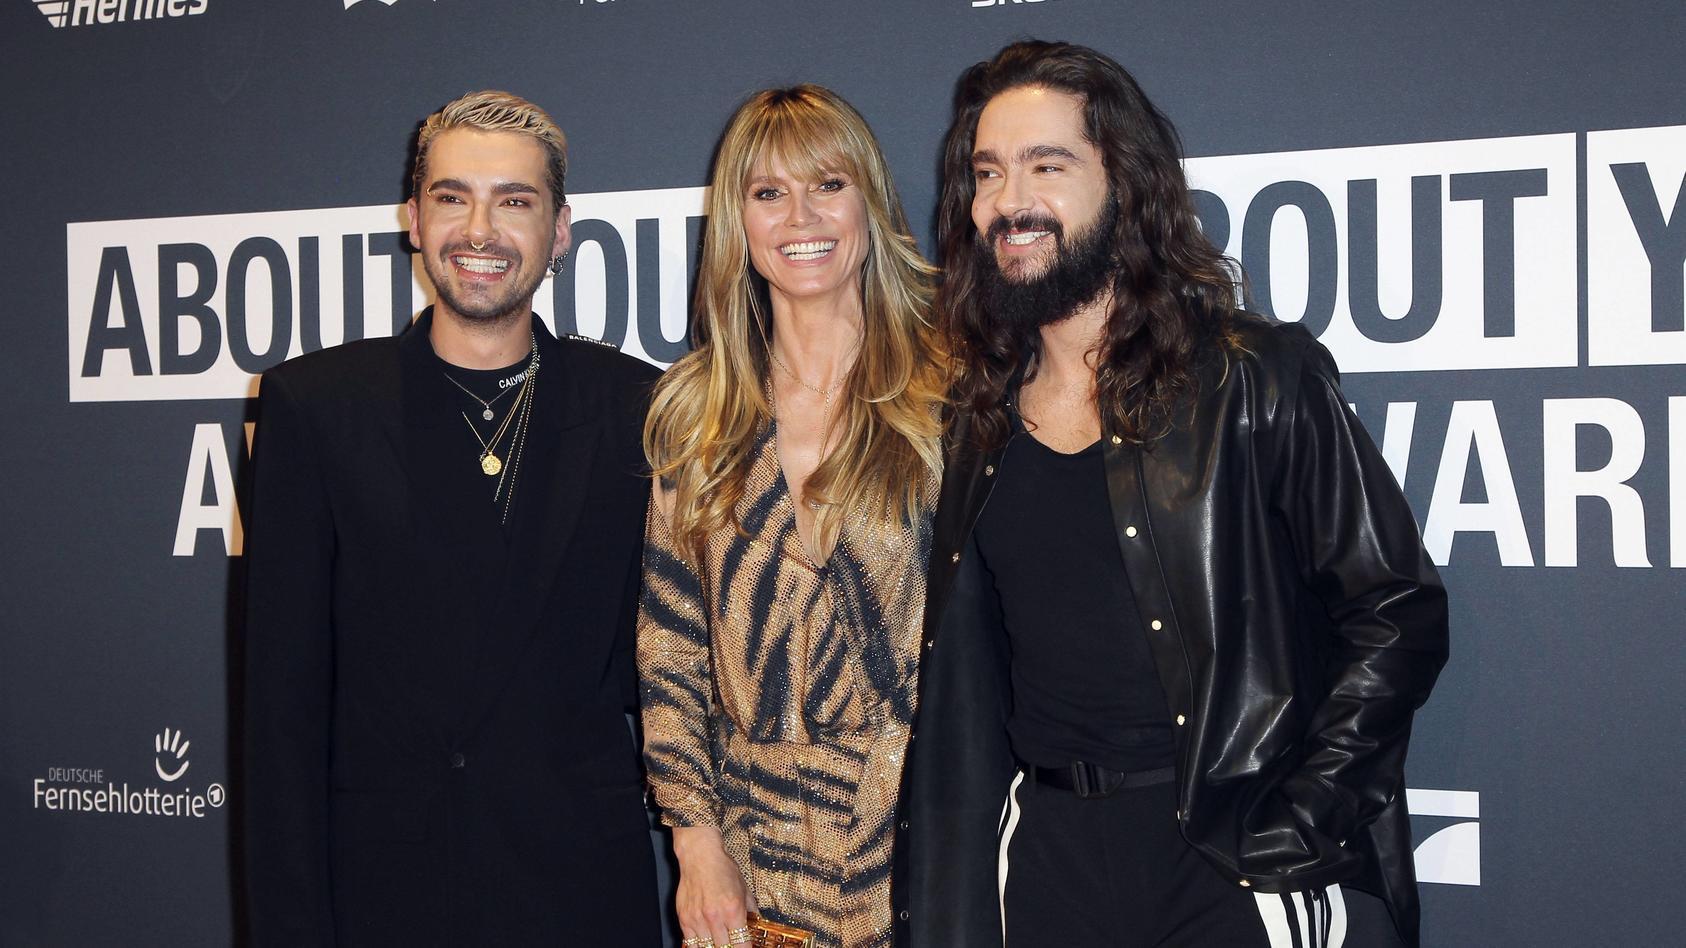 Bill Kaulitz Heidi Klum und Tom Kaulitz bei der Verleihung der About You Awards 2019